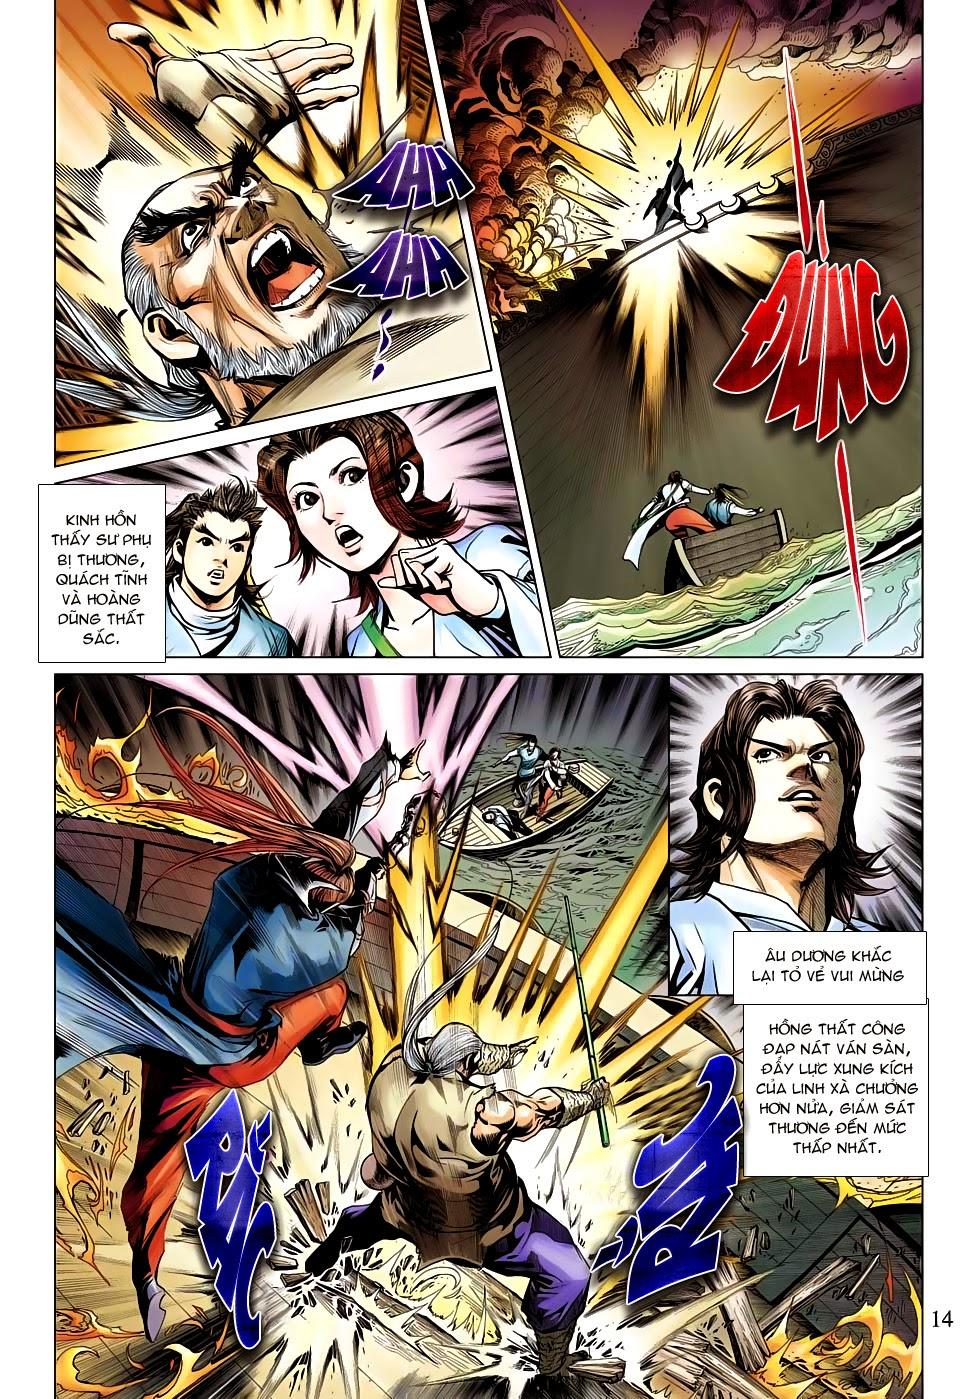 Anh Hùng Xạ Điêu anh hùng xạ đêu chap 53: lâm nguy thụ mệnh đả cẩu học pháp trang 15